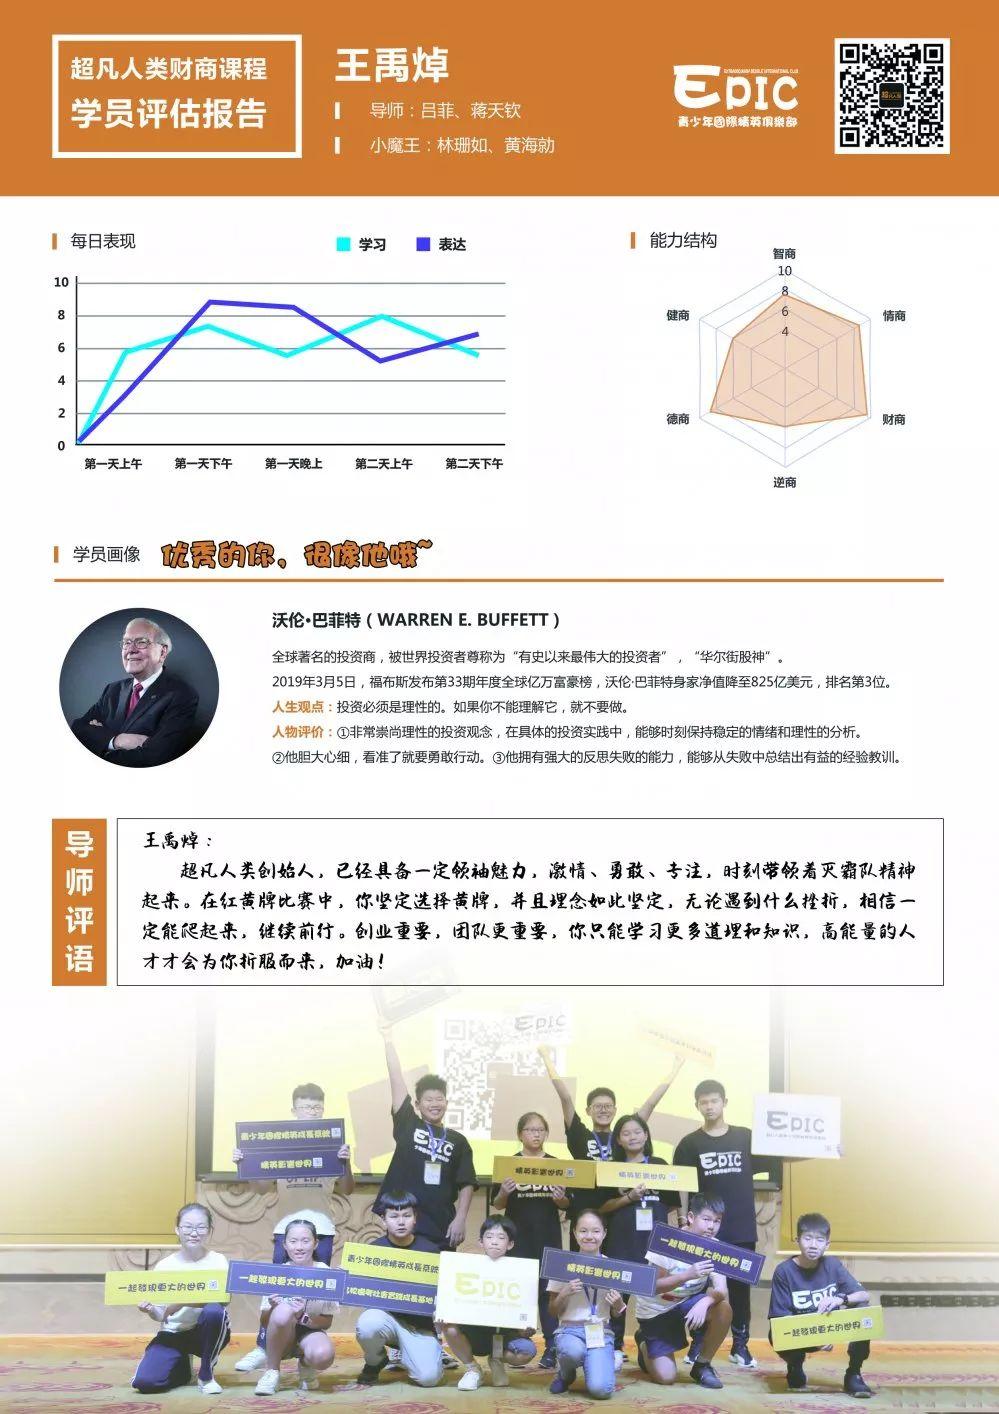 13岁创董王禹焯:逆风翻盘,成为人生赢家!插图(5)